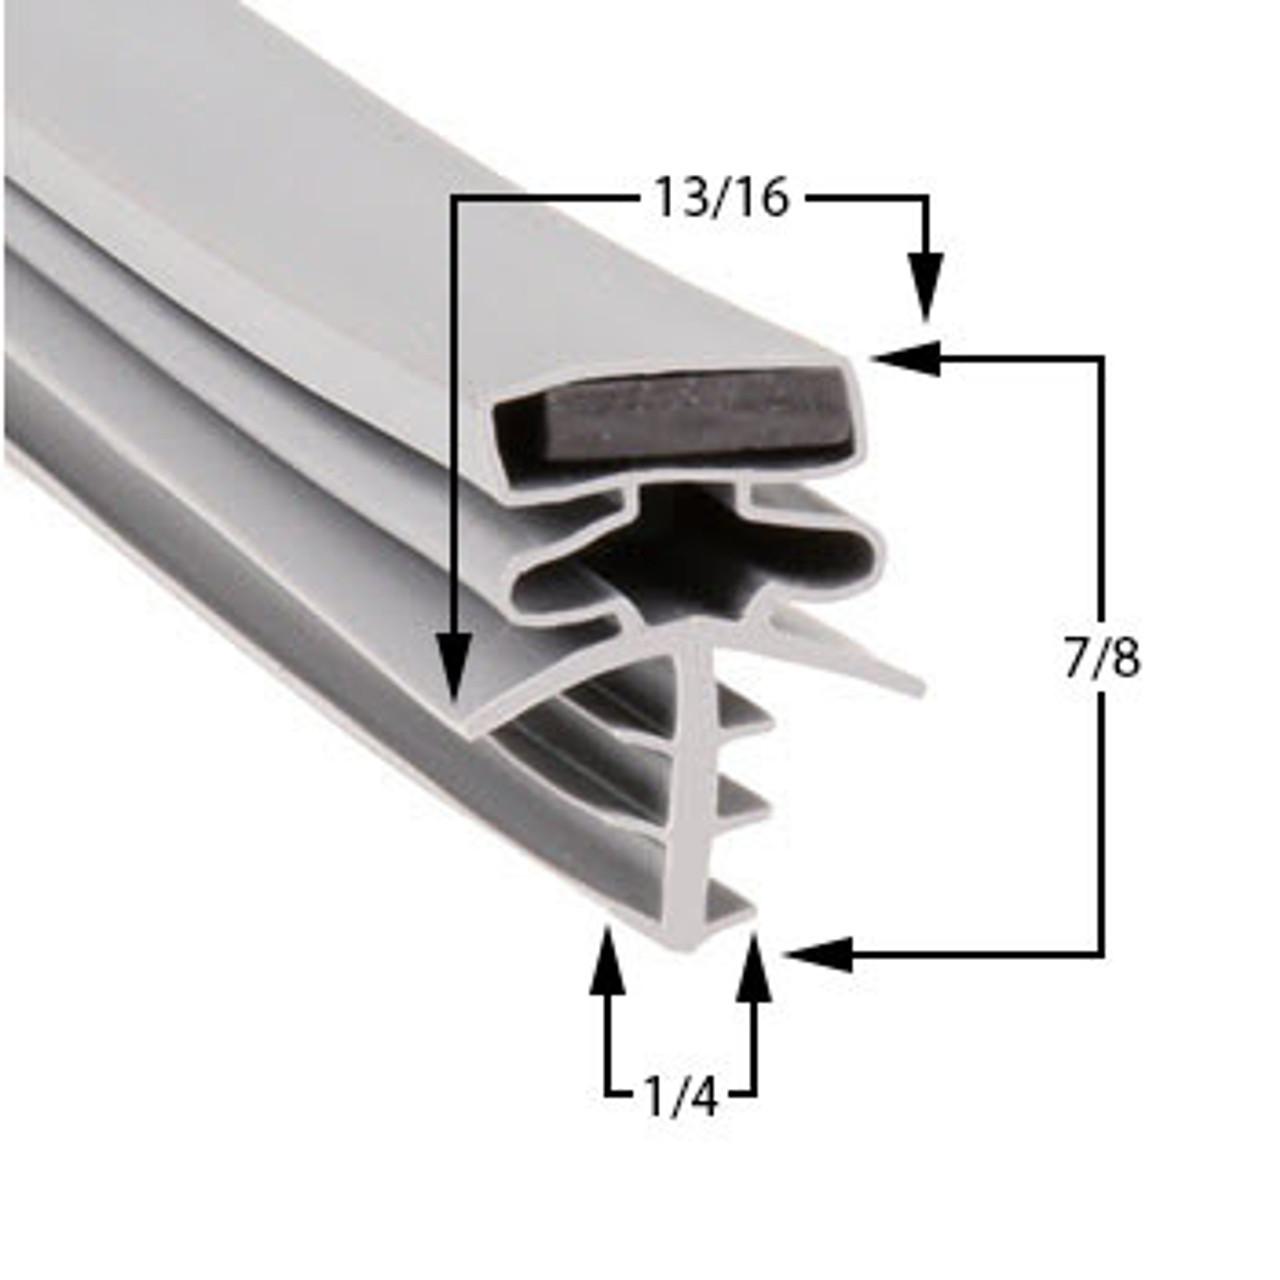 Brown Door Gasket Profile 301 35 3/8 x 78 -A2.0428-2